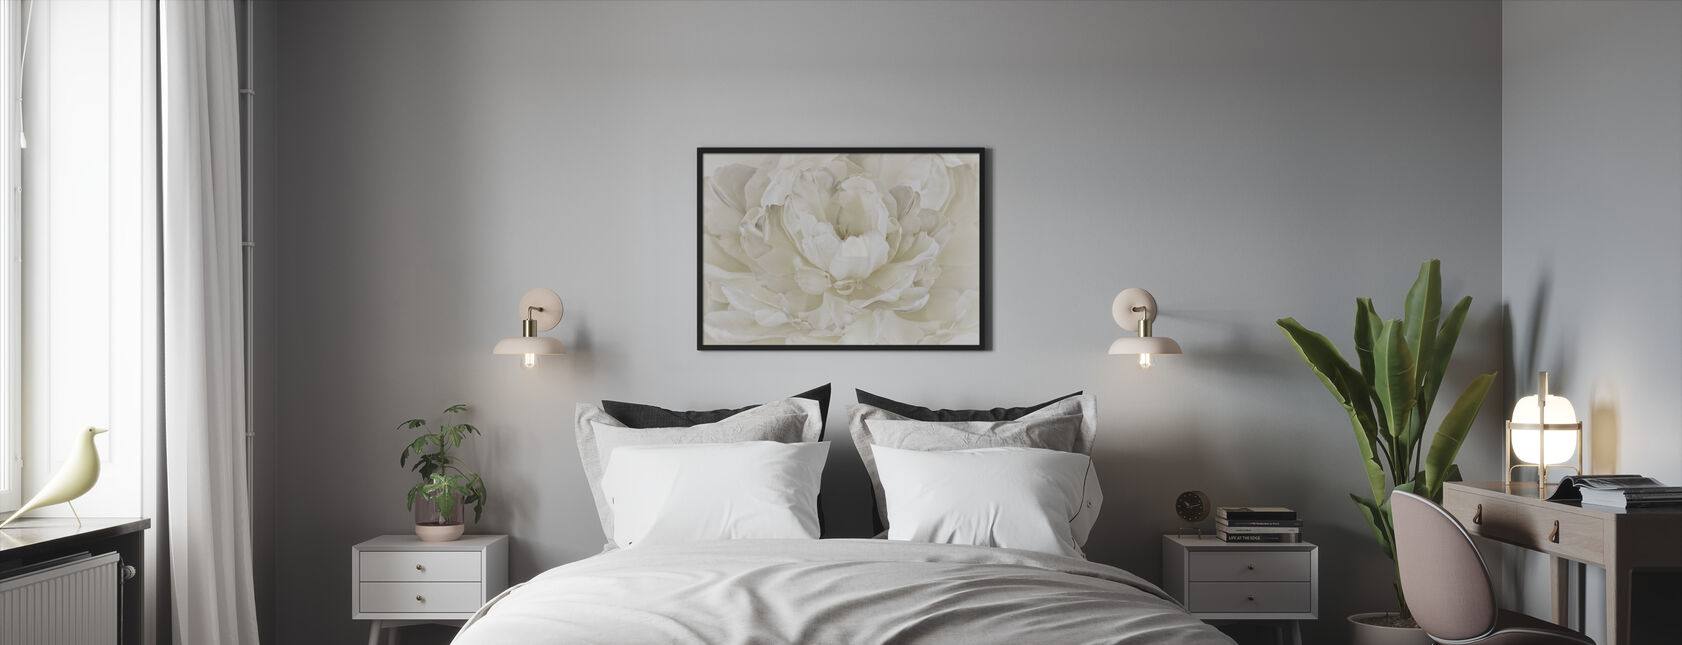 Norsunluu valkoinen kaksinkertainen tulppaani - Kehystetty kuva - Makuuhuone